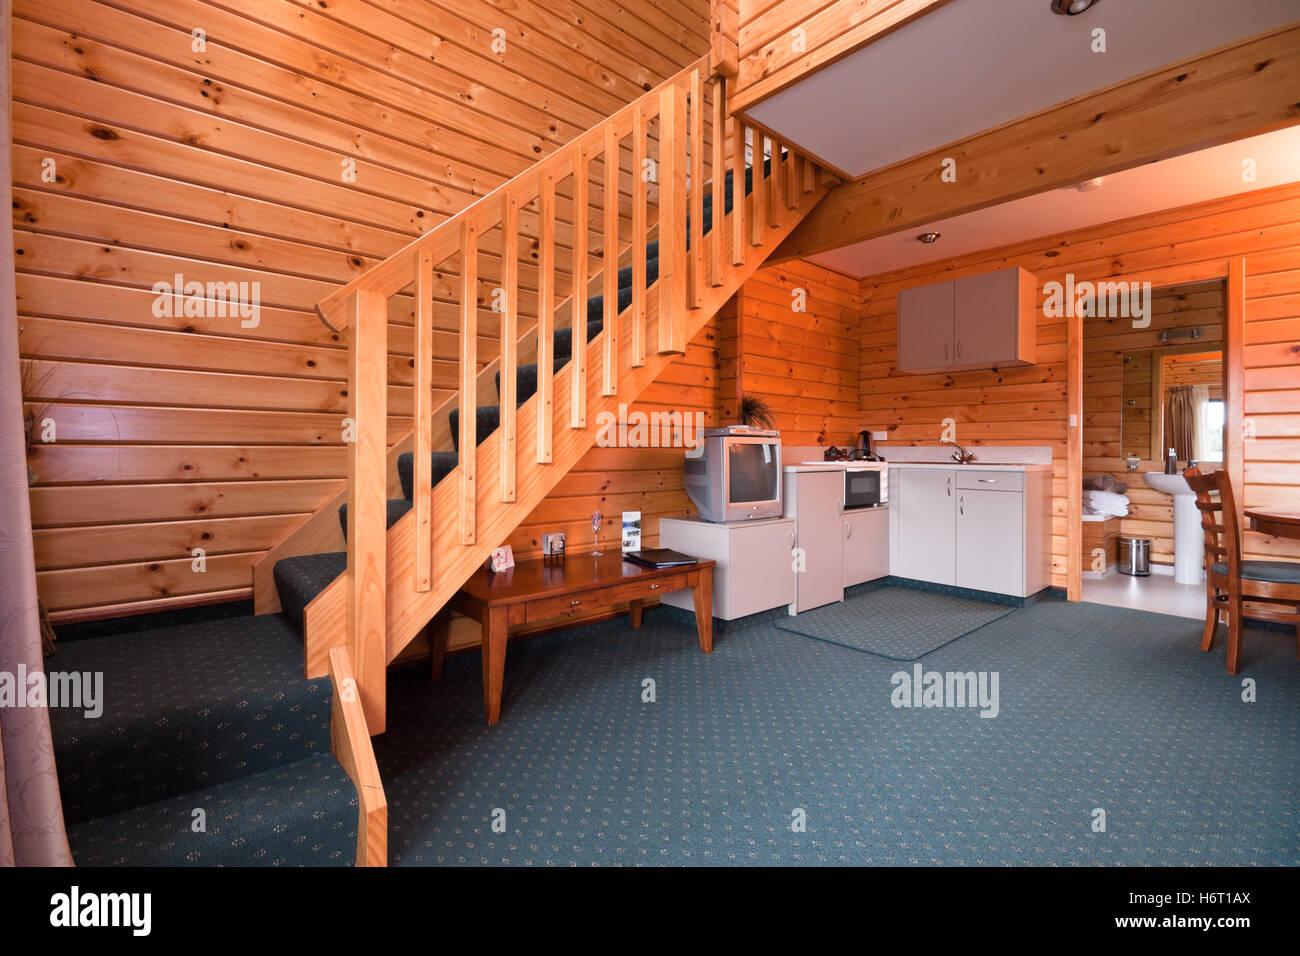 Zimmer Innen Hotel Kabine Aus Holz Nach Hause Wohnung Lodge Treppen